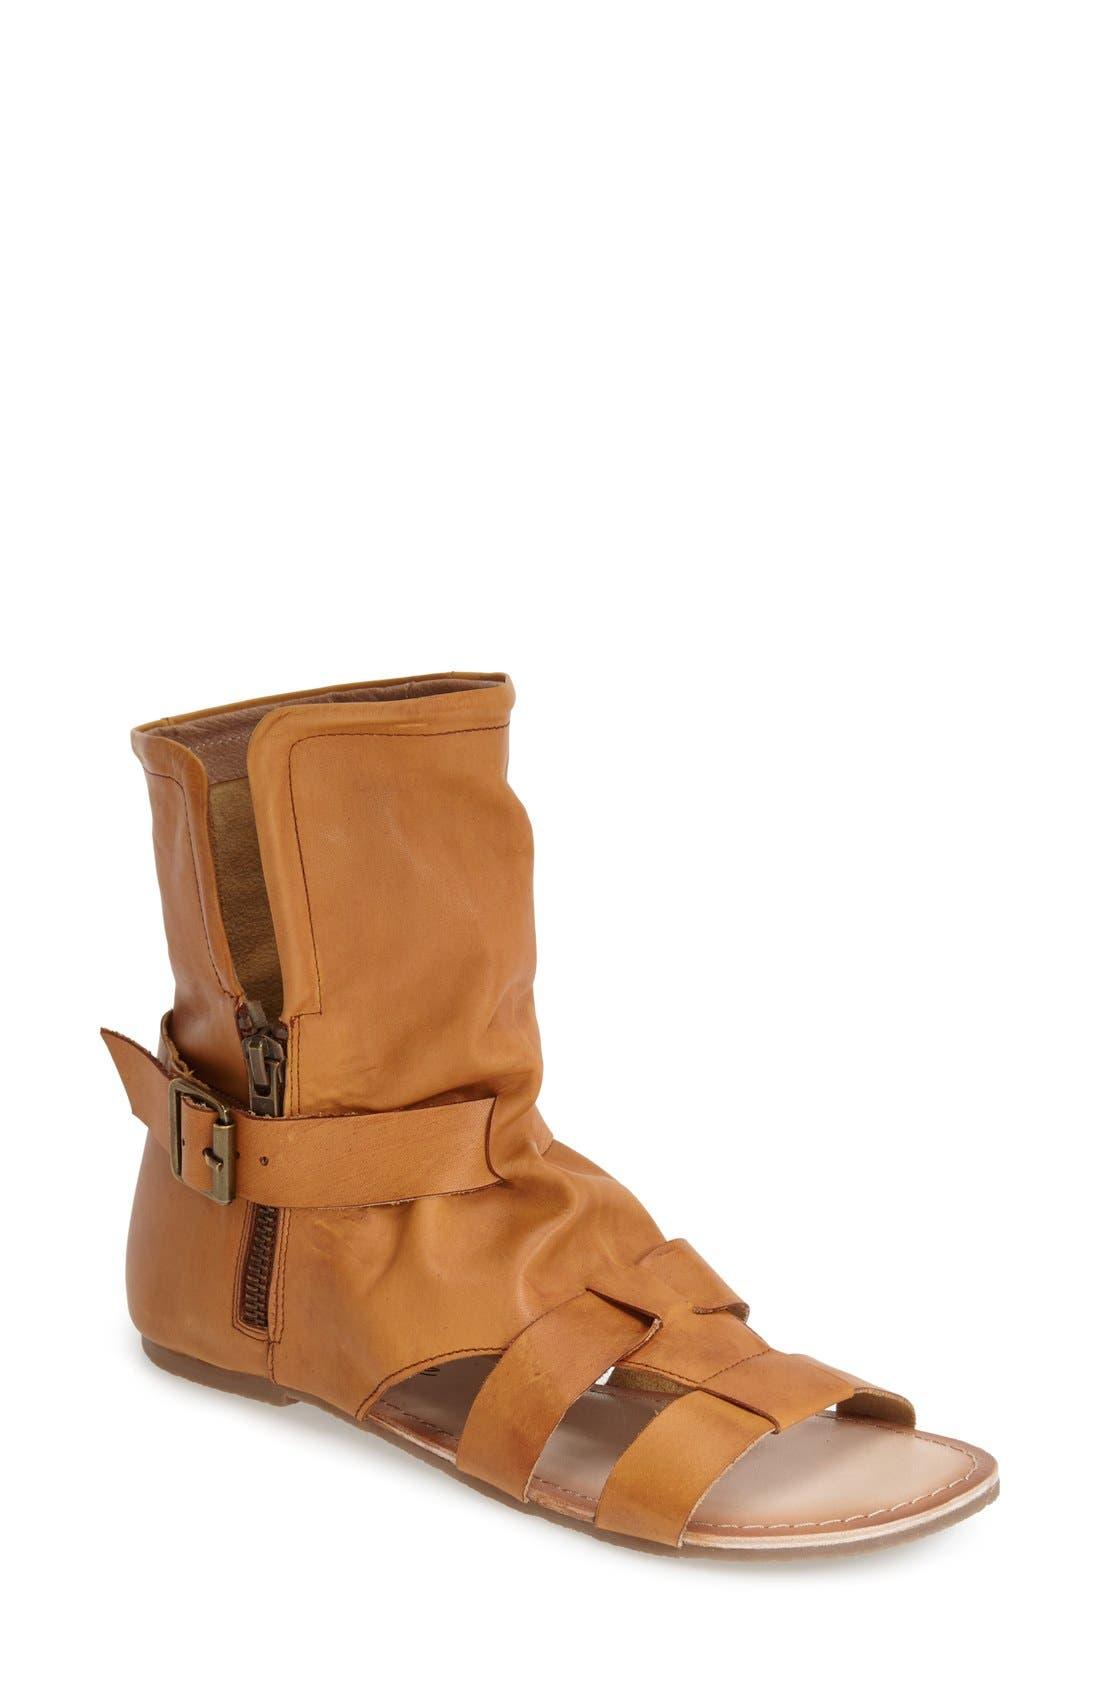 Main Image - Matisse Gladiator Sandal (Women)